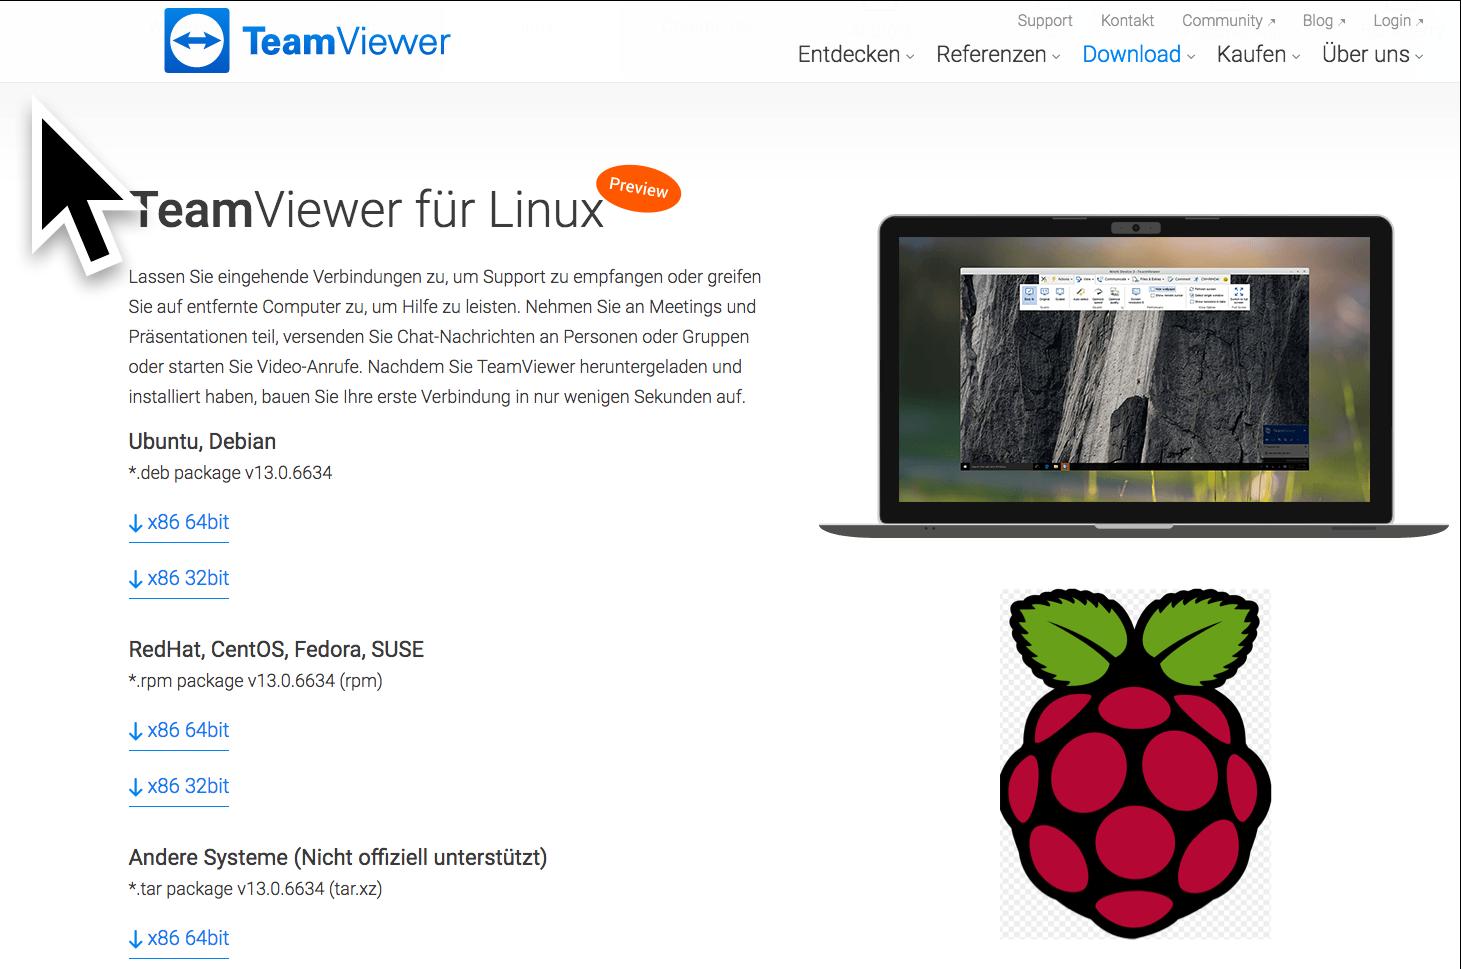 Der TeamViewer ist nun für jedes Betriebssystem kostenlos einzusetzen - Voraussetzung ist der rein private Gebrauch! Das ist eine wirklich tolle News! Selbst für den Raspberry Pi gibt es eine Version.